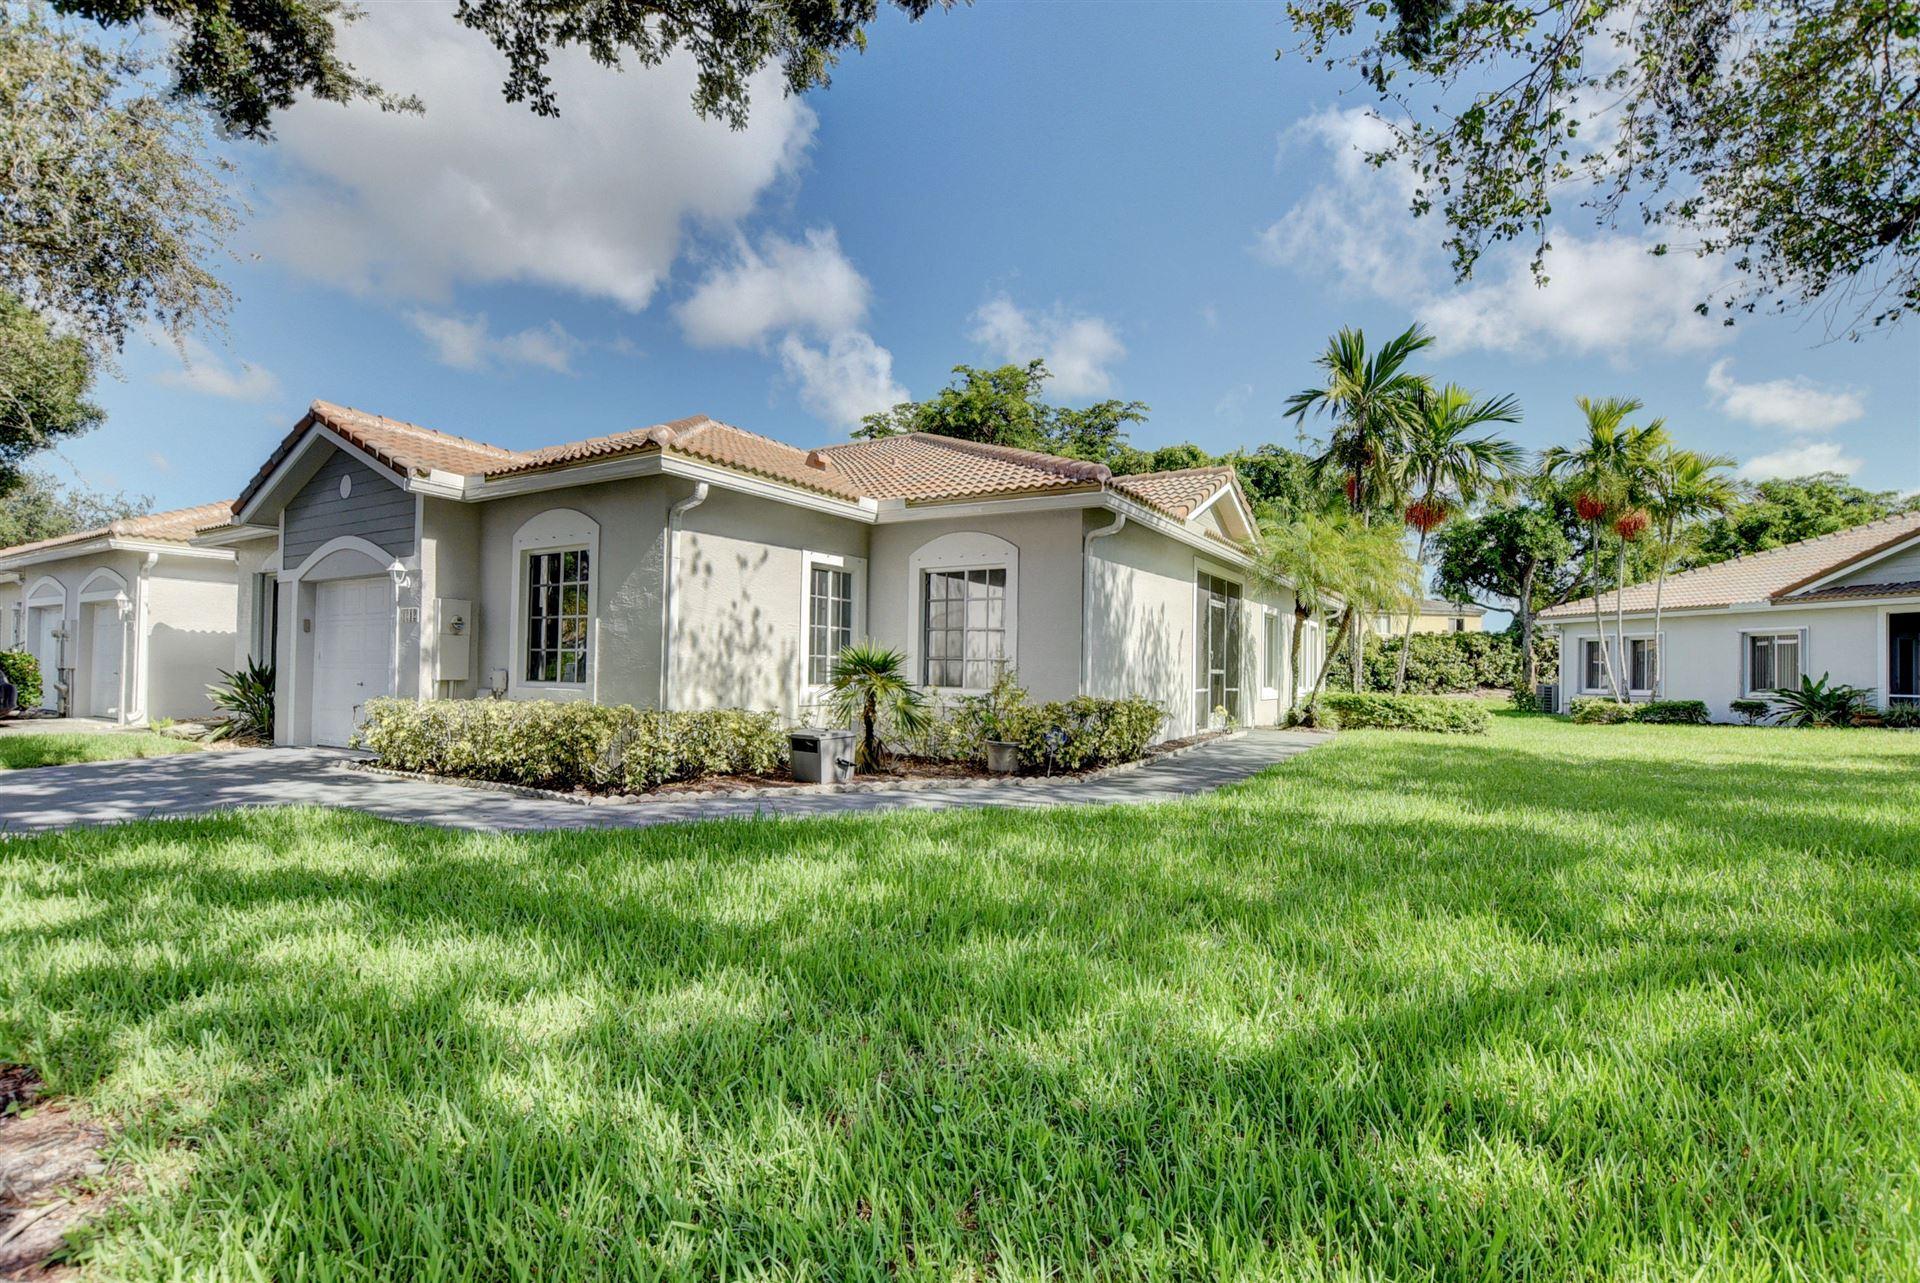 1212 SW 48th Terrace, Deerfield Beach, FL 33442 - #: RX-10667117